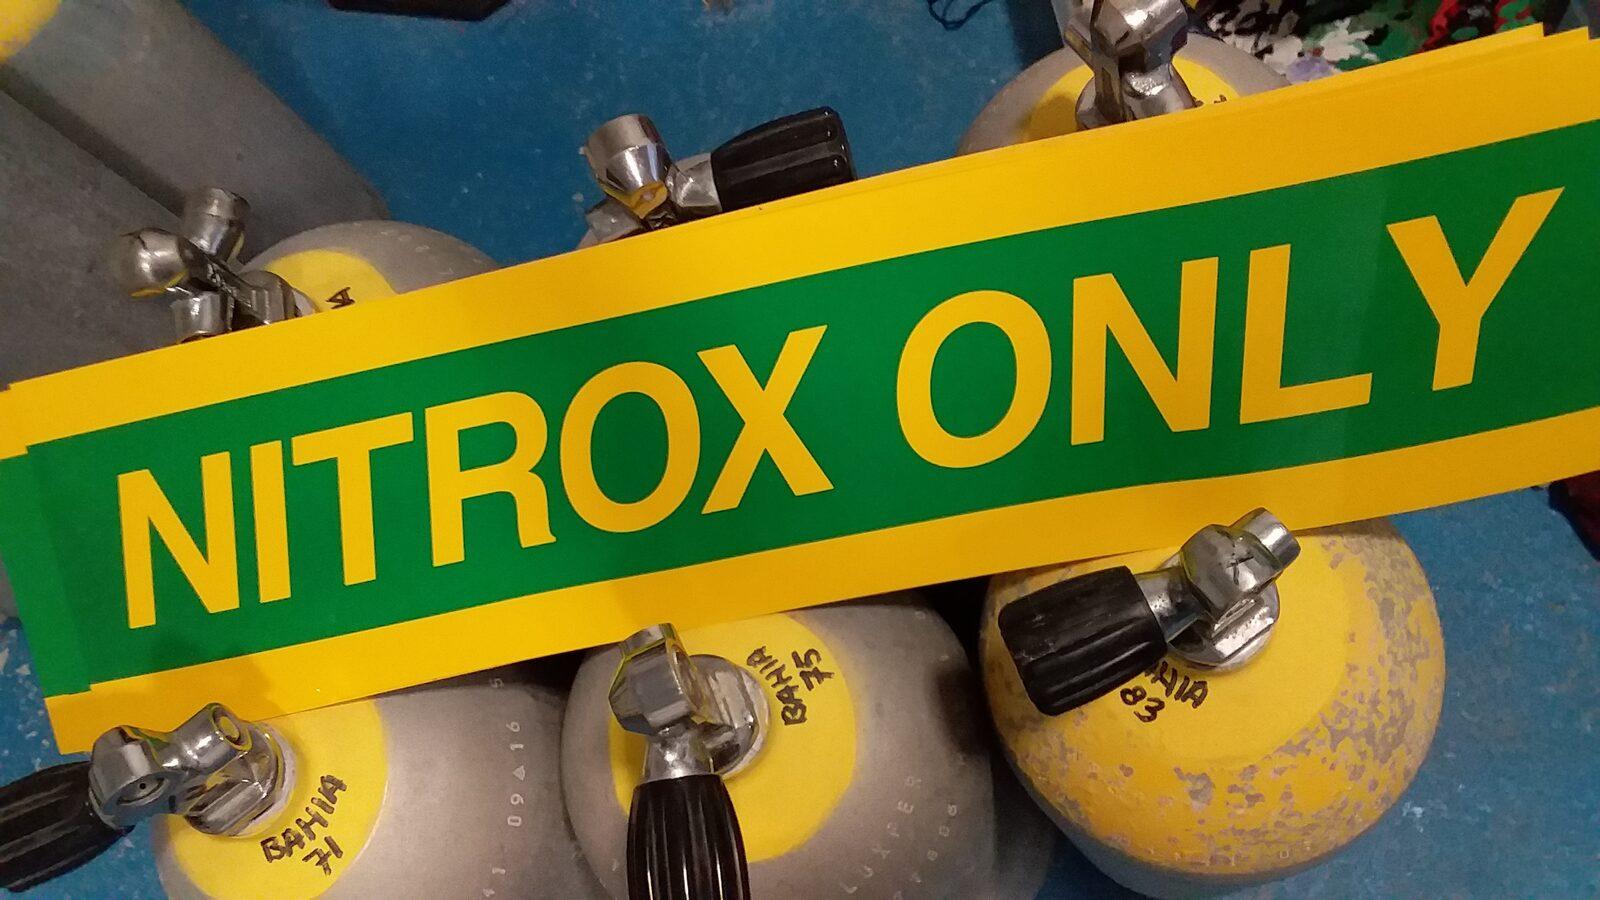 Nitrox Specialty